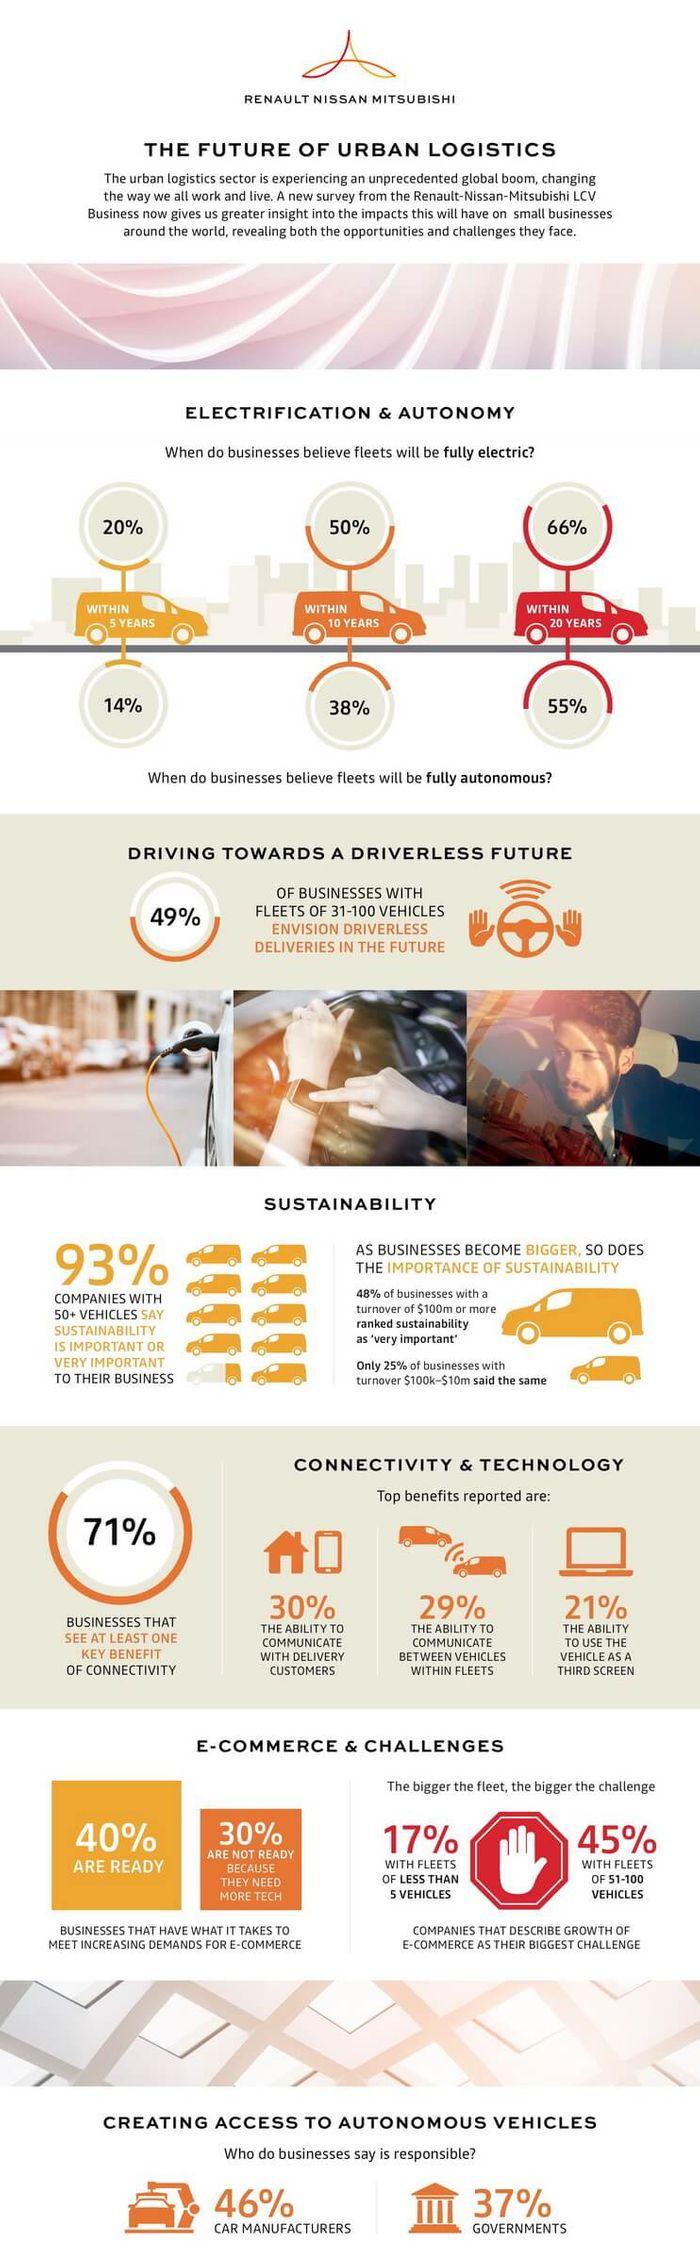 В рамках плана Альянса Renault-Nissan-Mitsubishi до 2022 года годовые инвестиции превысят 10 млрд. евро к концу 2022 года. Компании-члены также нацелены на выпуск 9 млн. электрических транспортных средств на базе четырех общих платформ. 12 новых электромобилей с нулевым уровнем выбросов будут запущены в рамках плана, и 40 автомобилей будут представлены с различными уровнями автономии.